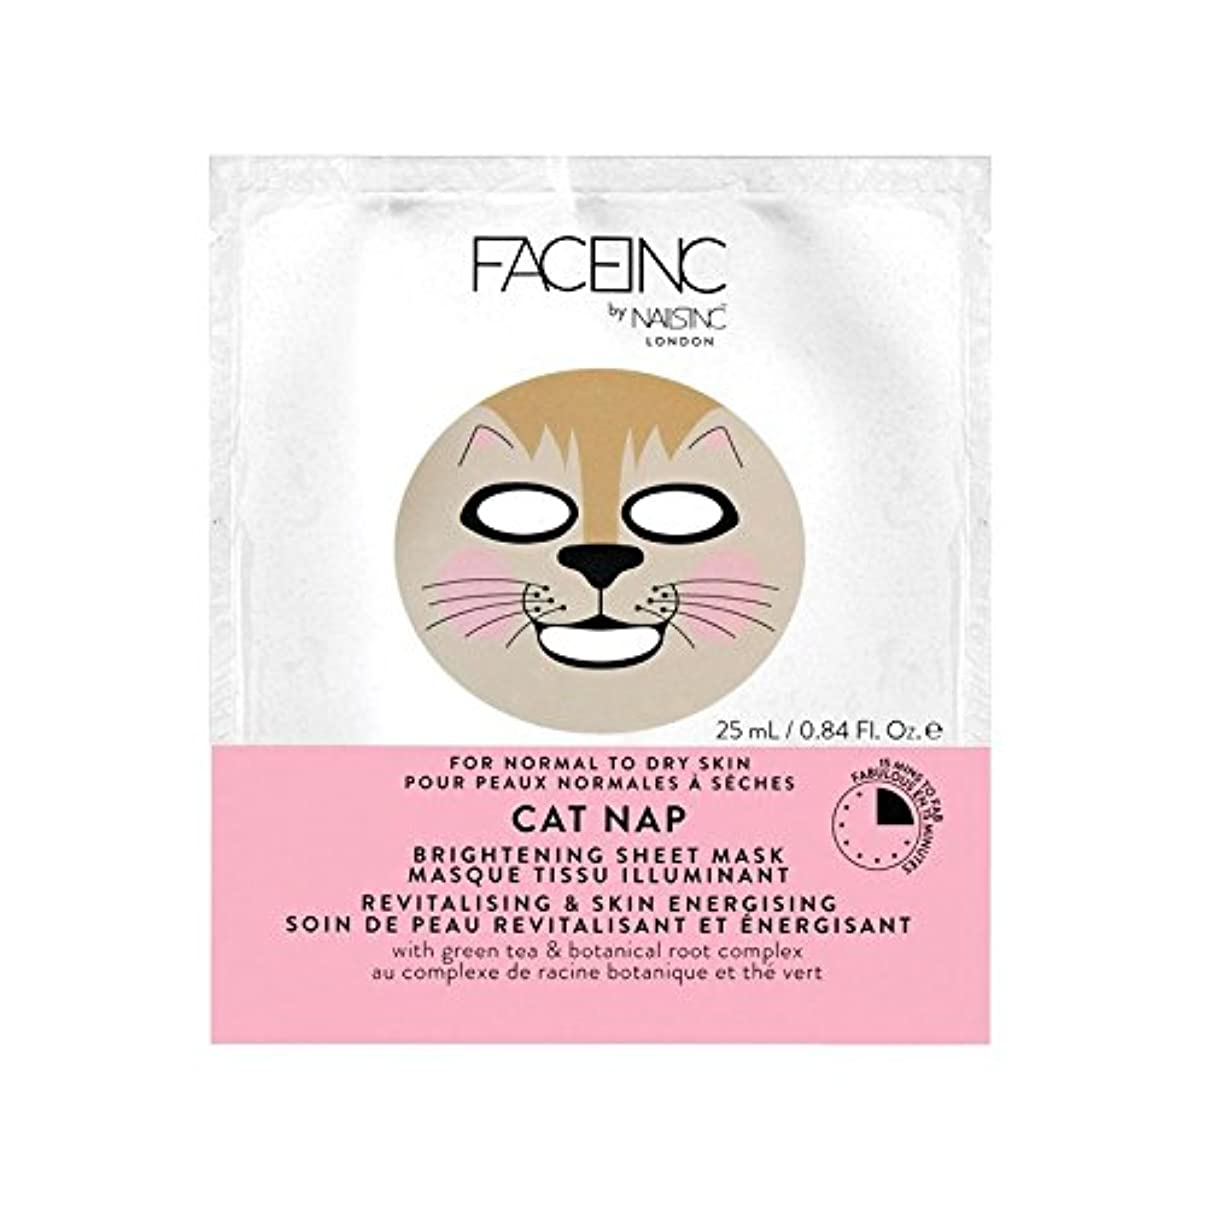 アセ散歩予見する爪が株式会社顔猫の昼寝用マスク x4 - Nails Inc. Face Inc Cat Nap Mask (Pack of 4) [並行輸入品]